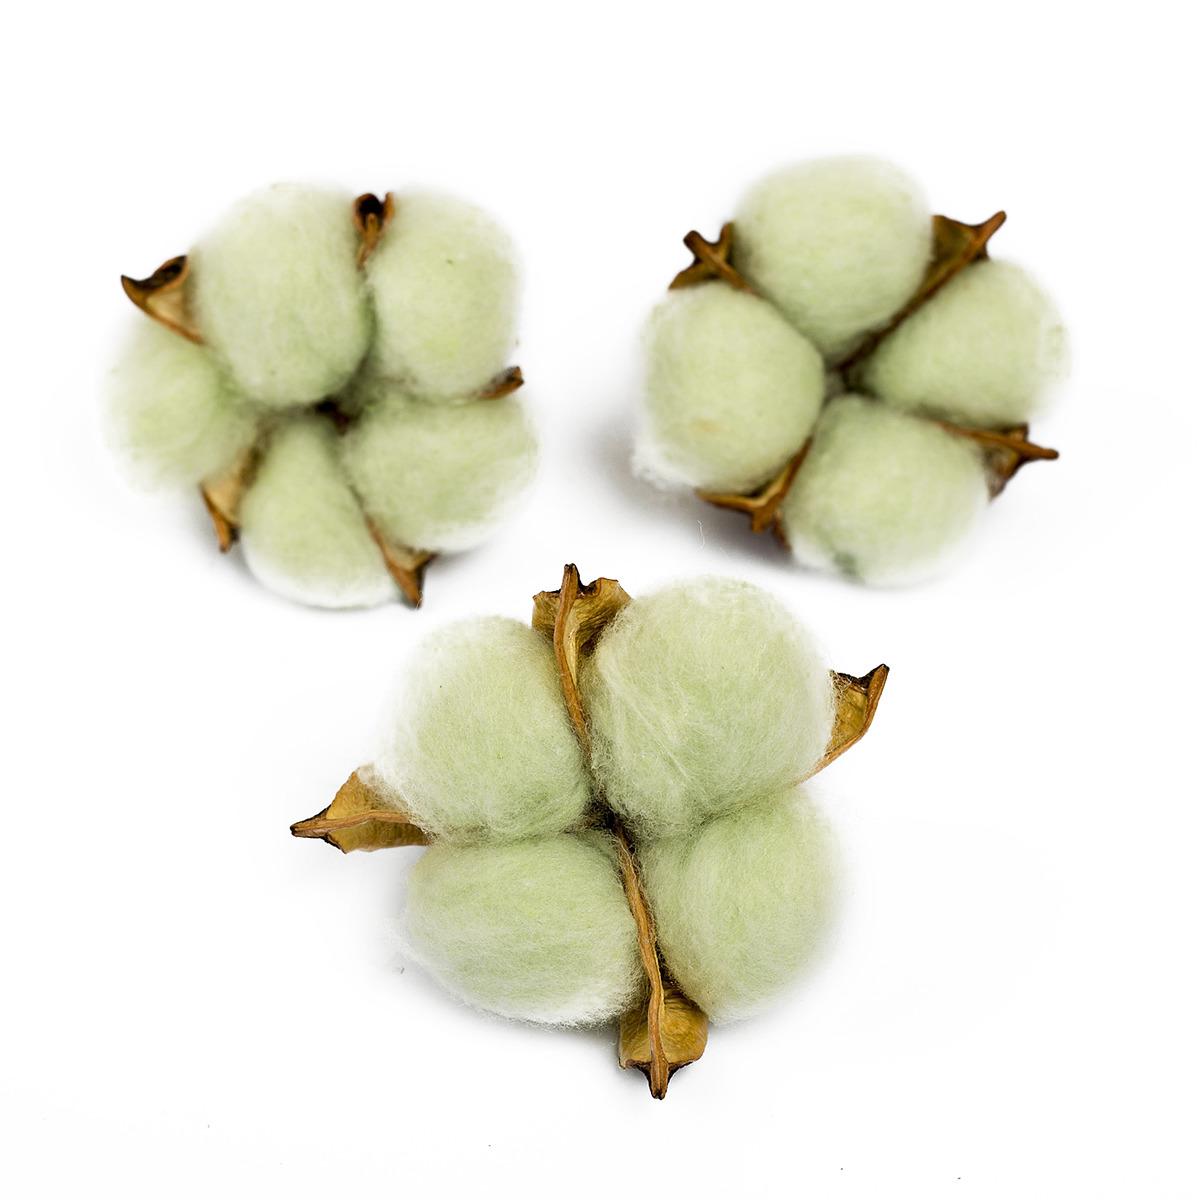 сухие бассейны Сухие цветы хлопка, 4104738, зеленый, 3 шт